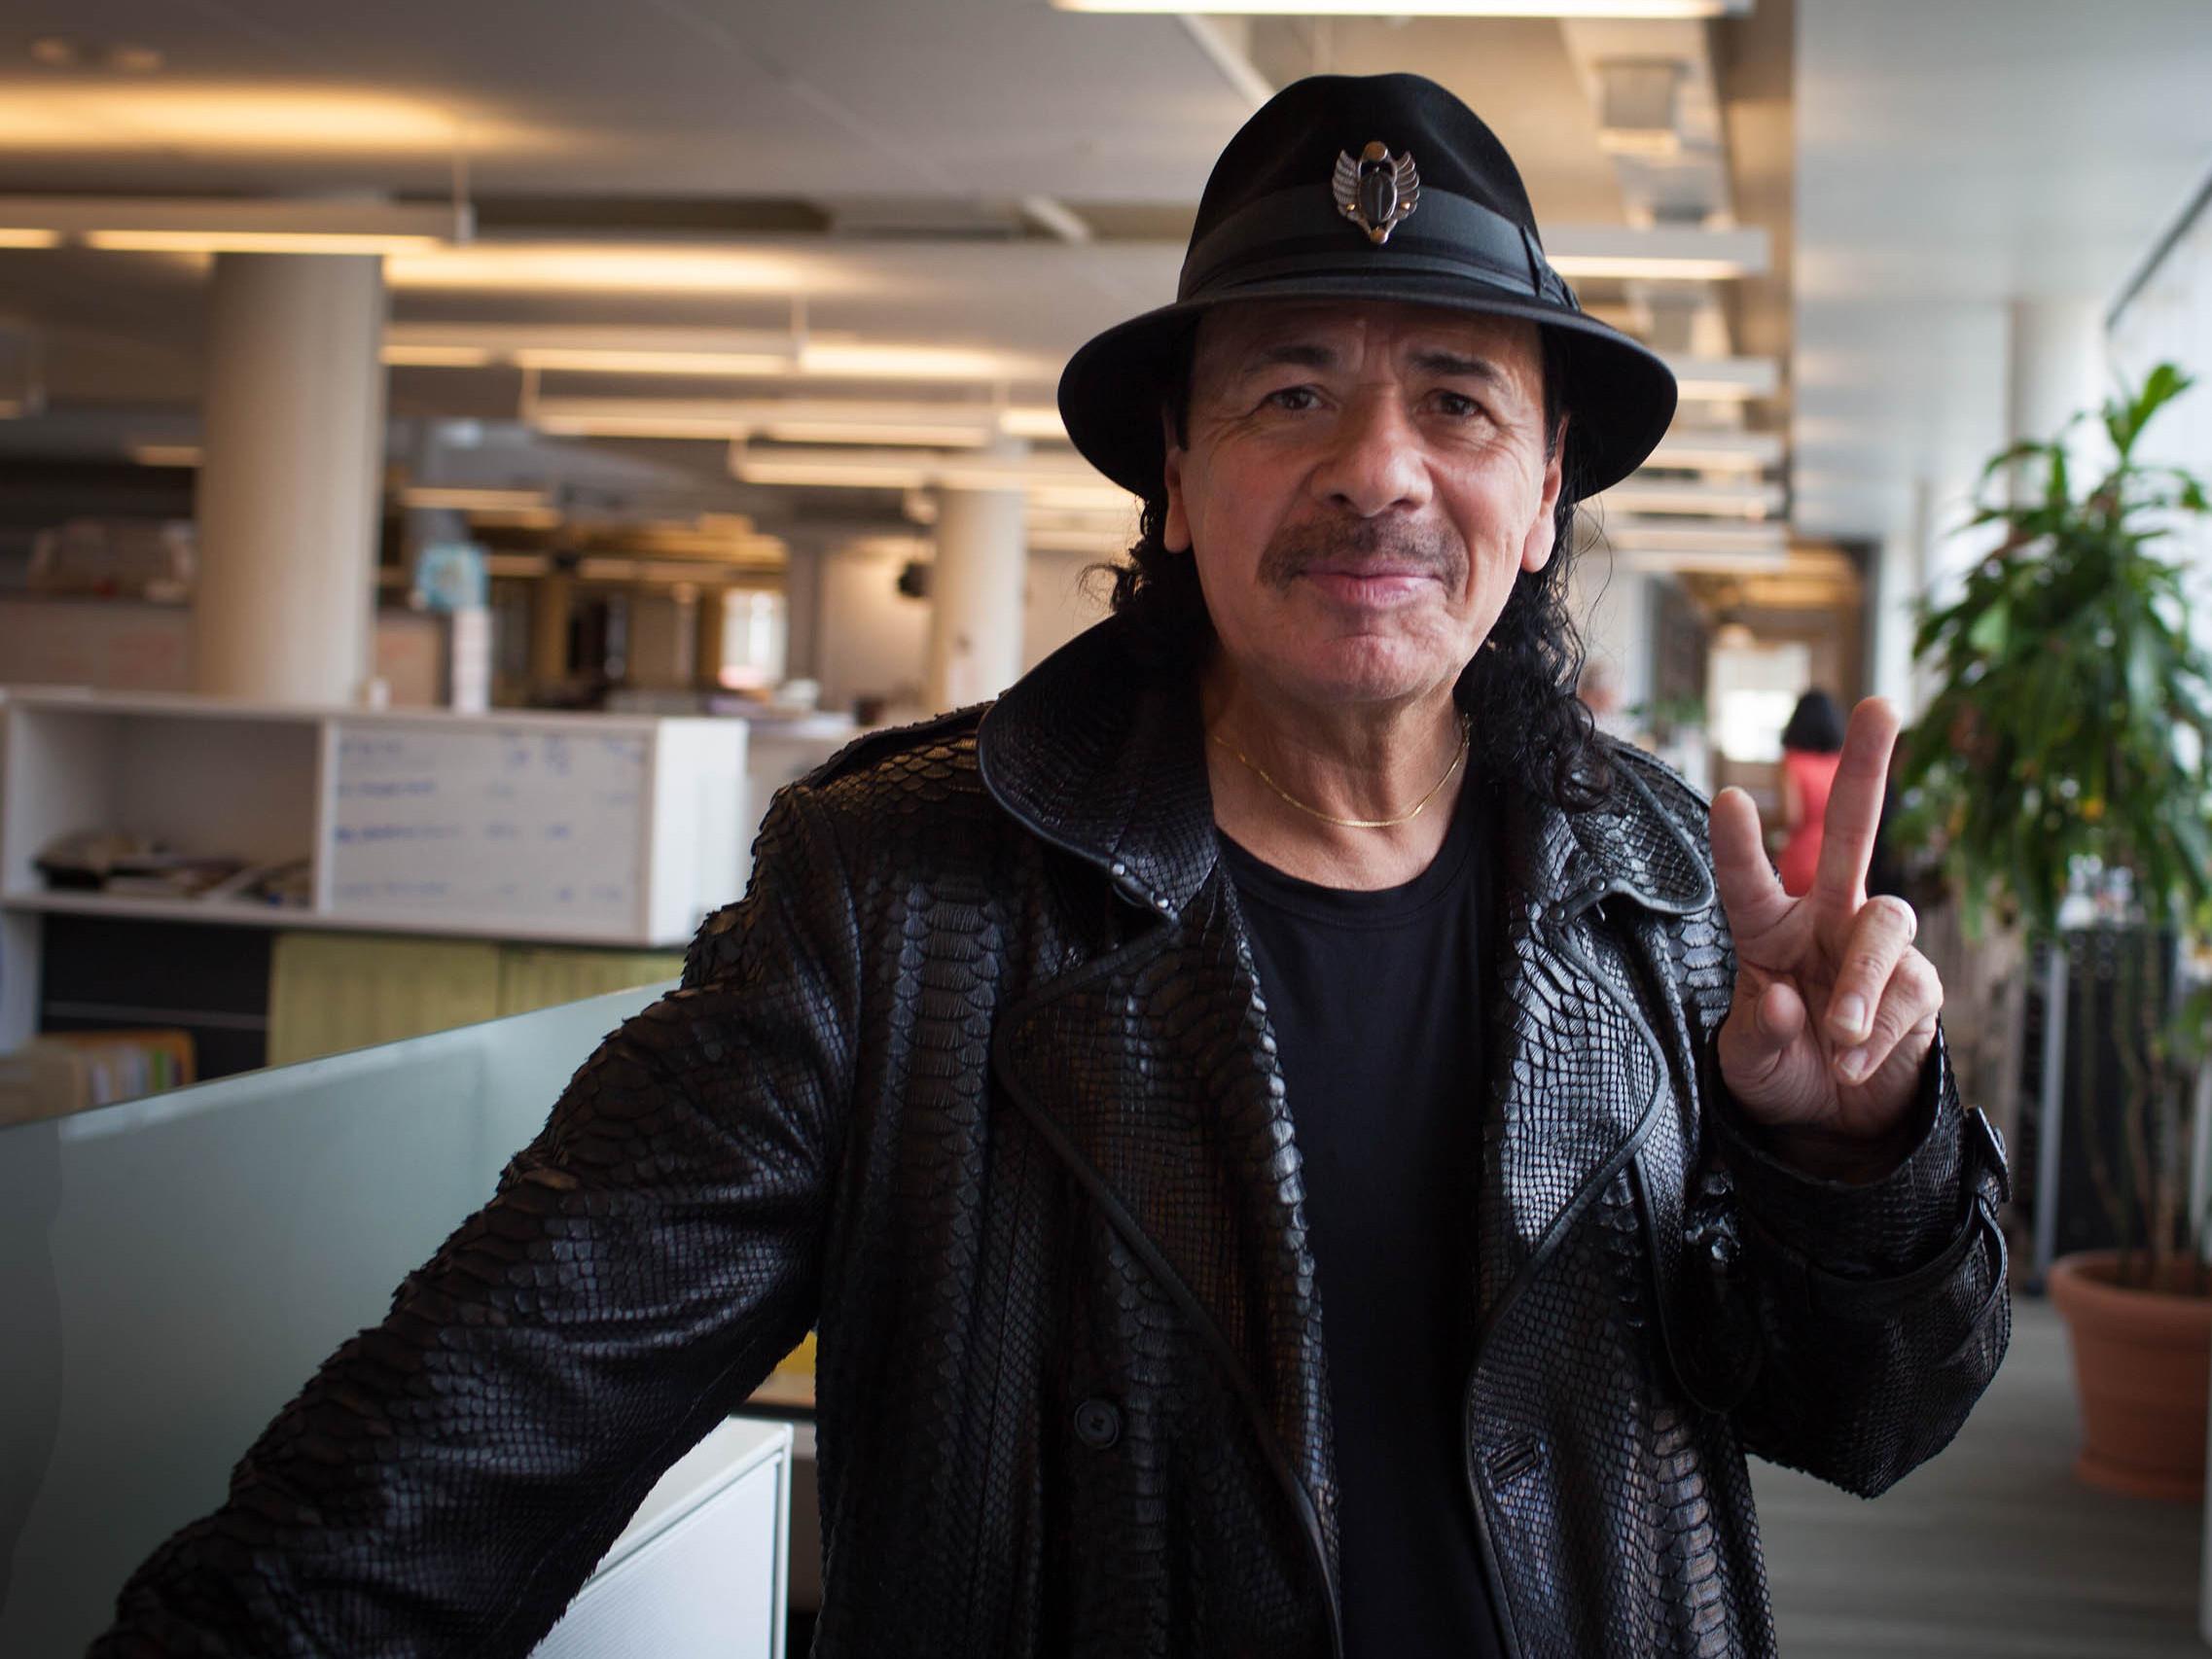 Carlos Santa... Carlos Santana